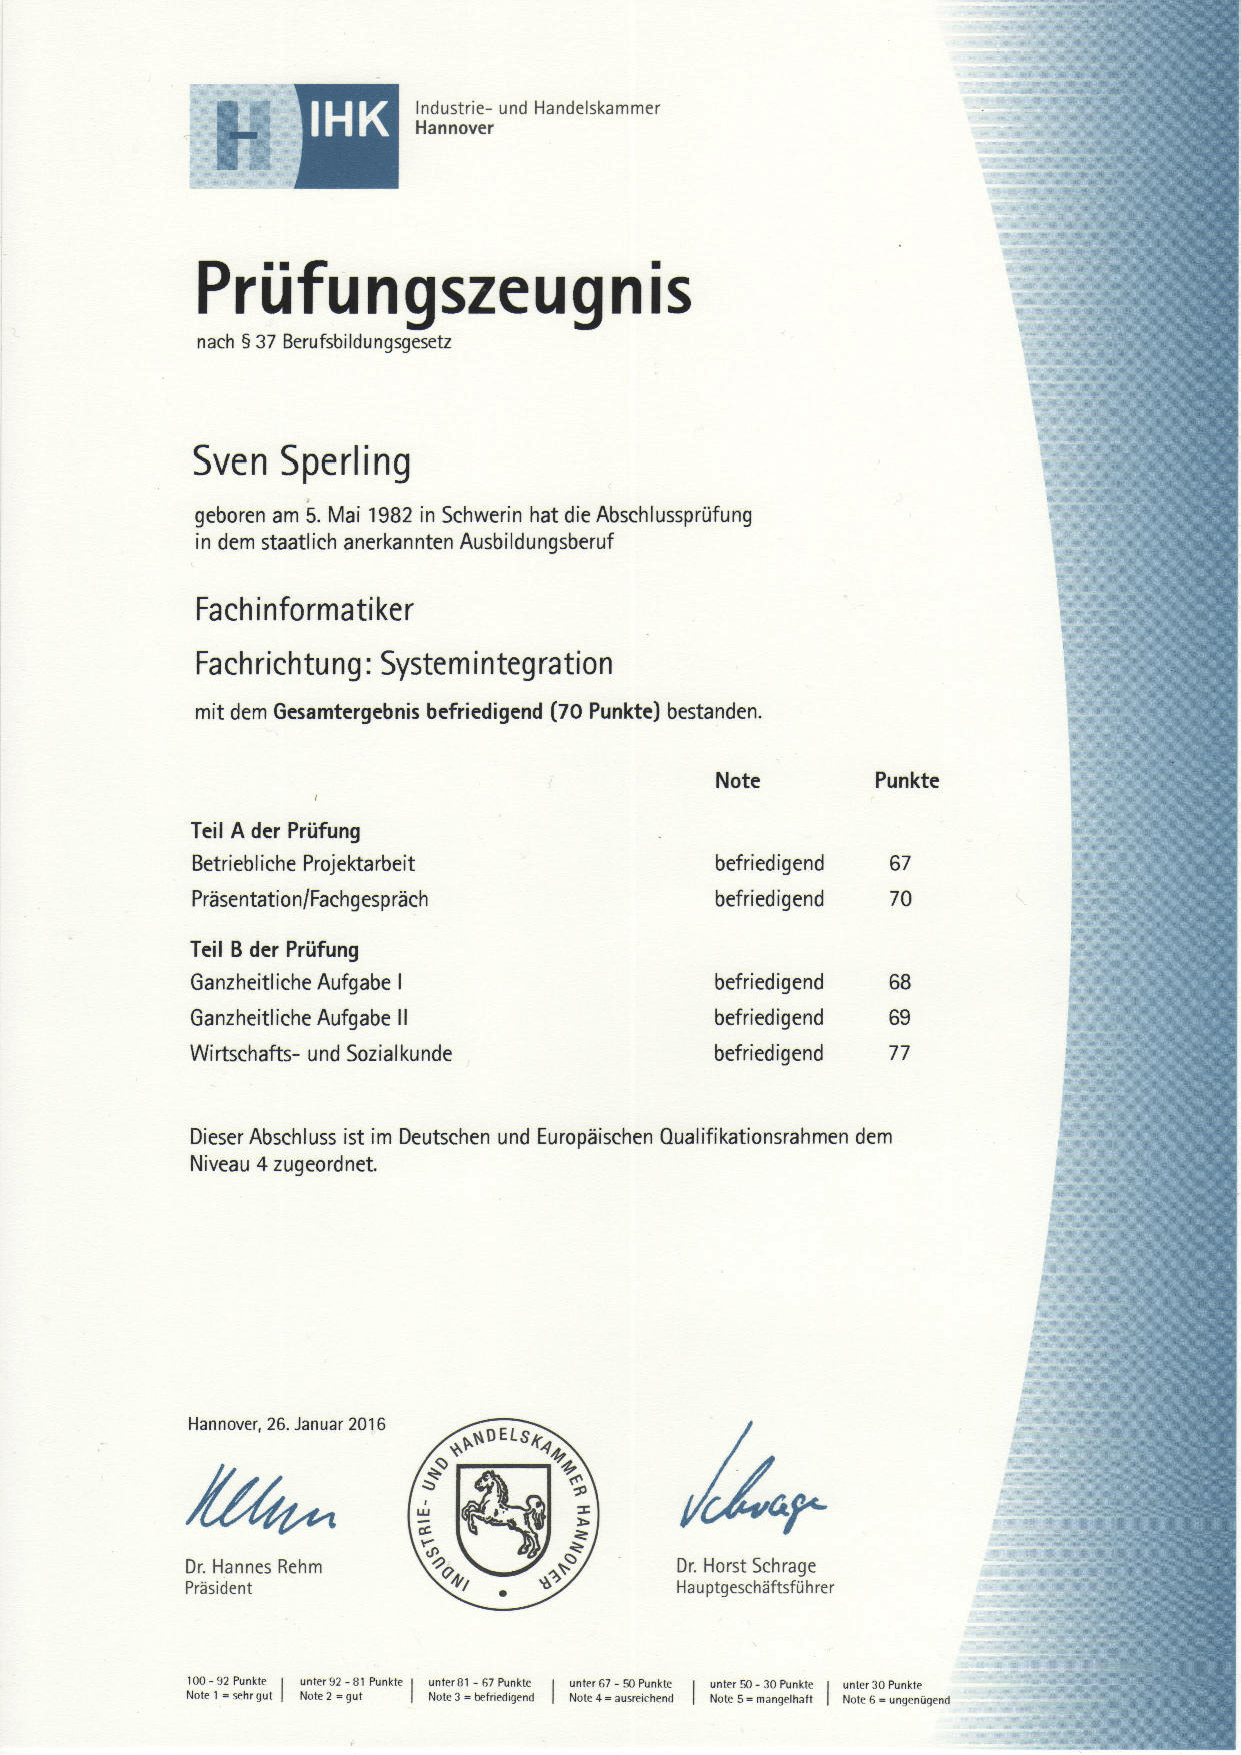 IHK Hannover – Prüfungszeugnis – Fachinformatiker Systemintegration